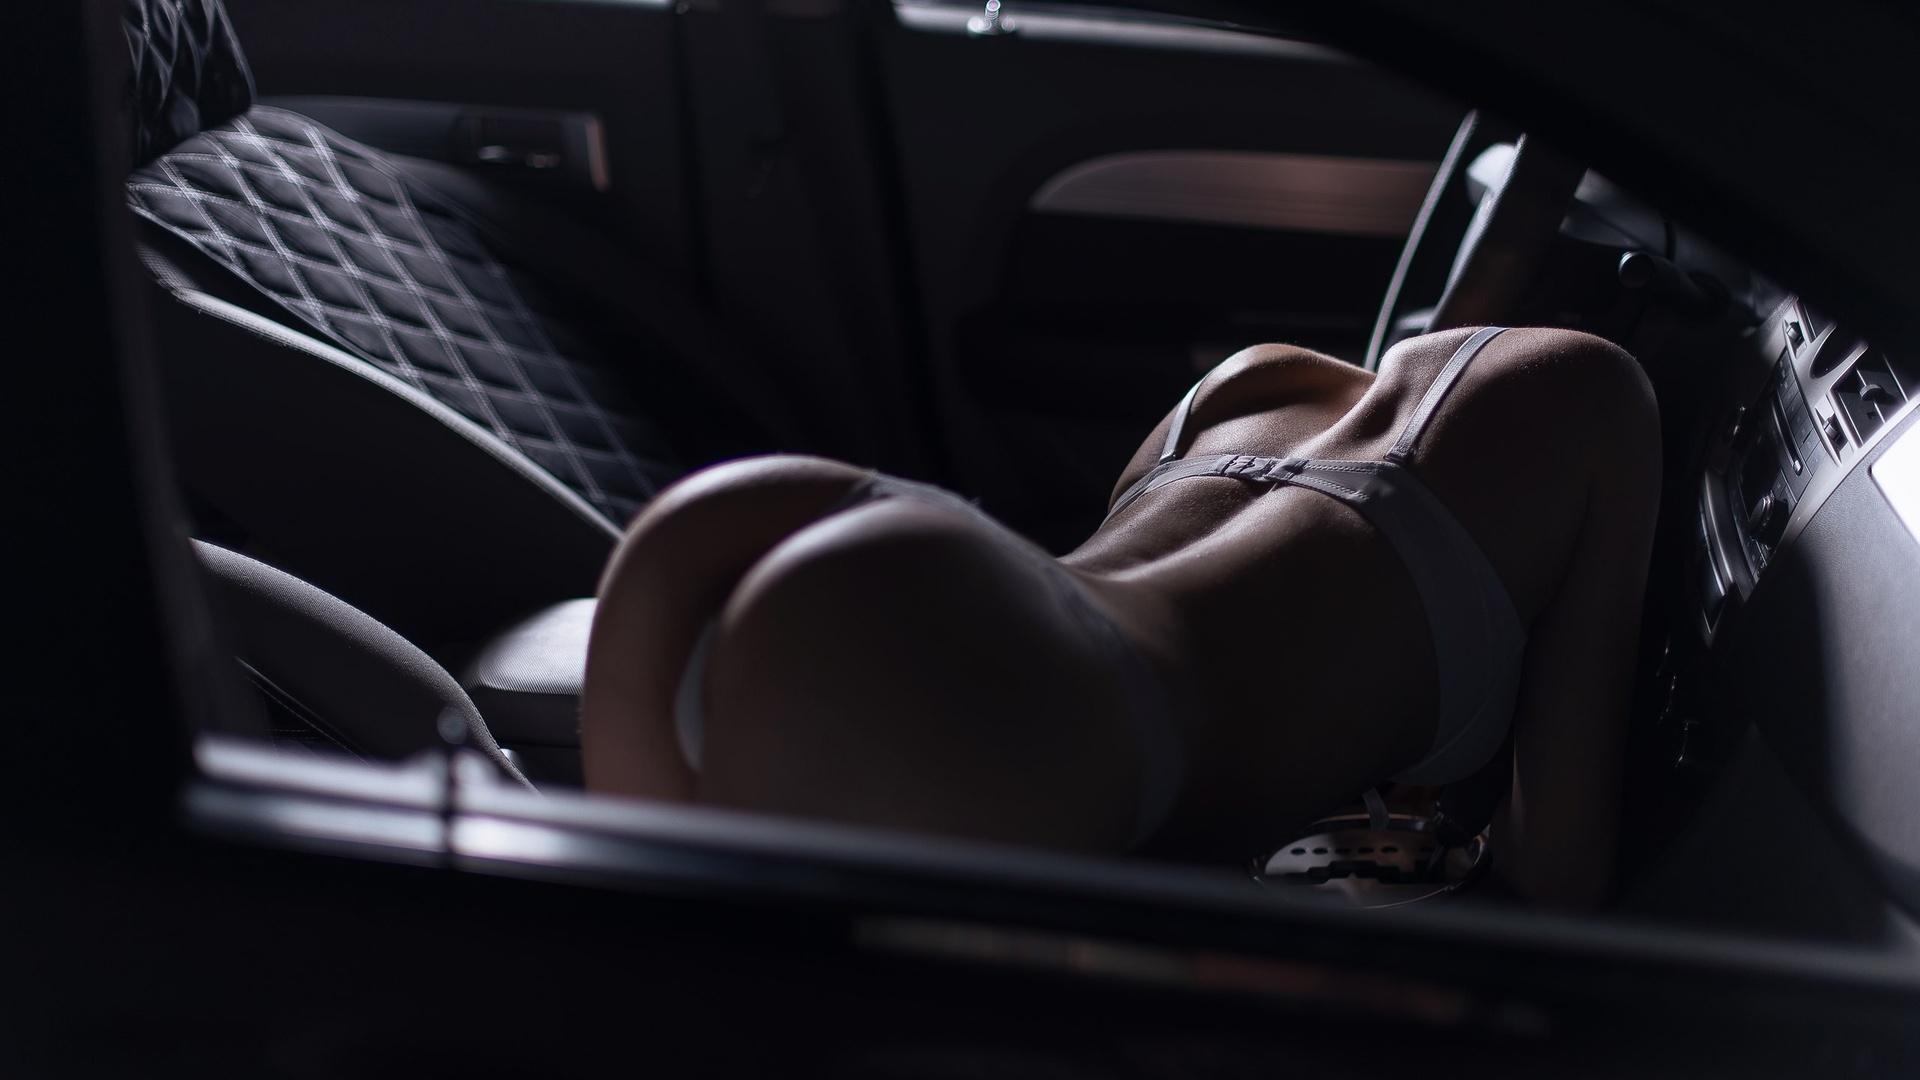 anton vladimirovich, девушка, секси, позиция, авто